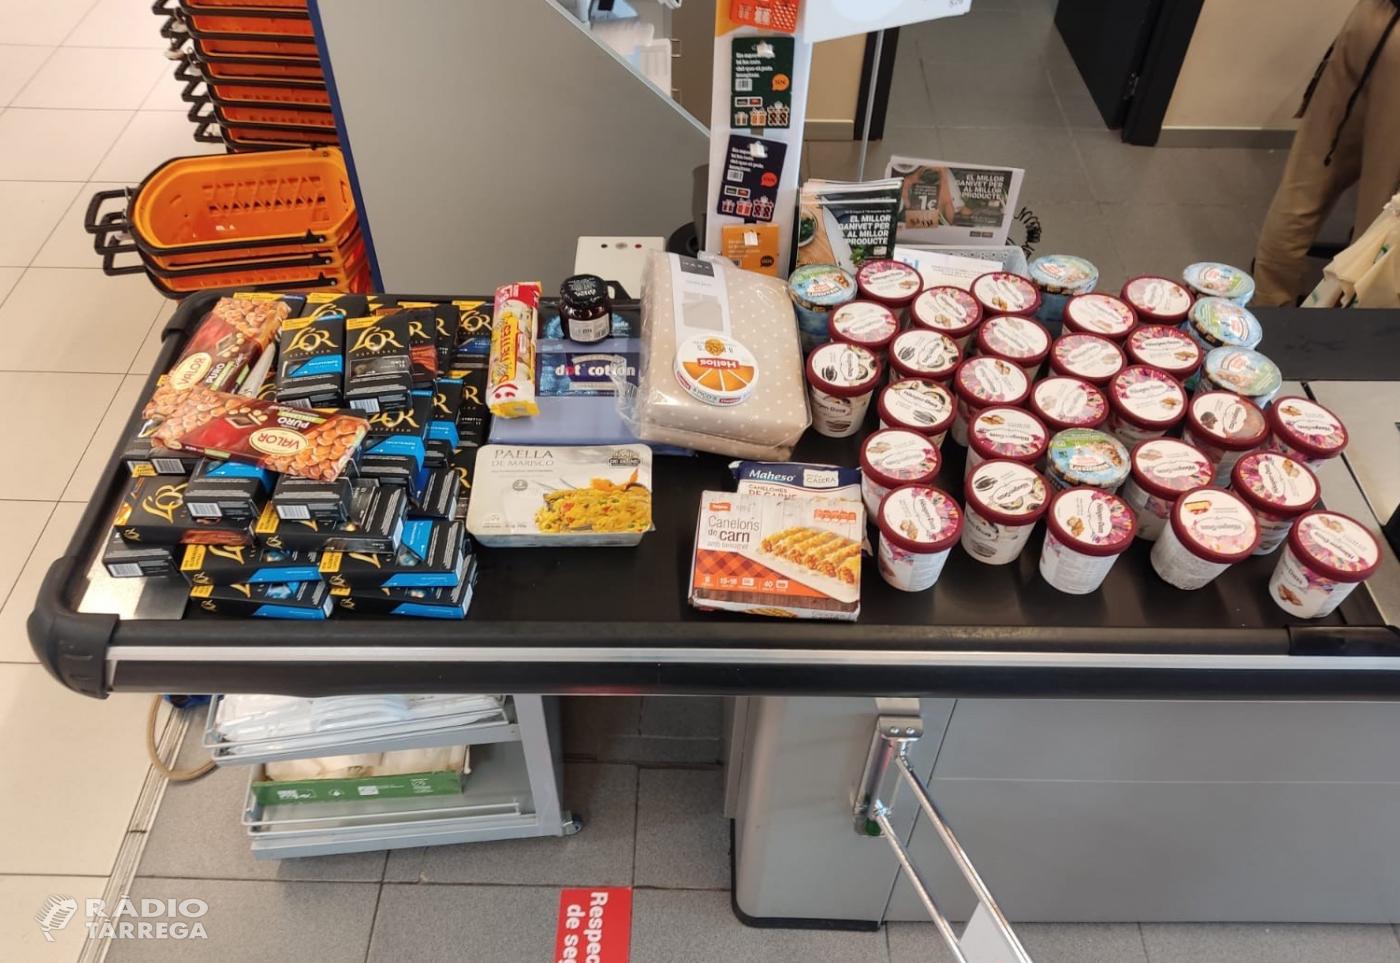 La Policia Local de Tàrrega deté un home per un presumpte delicte de furt d'aliments i parament de la llar en un supermercat de Cervera